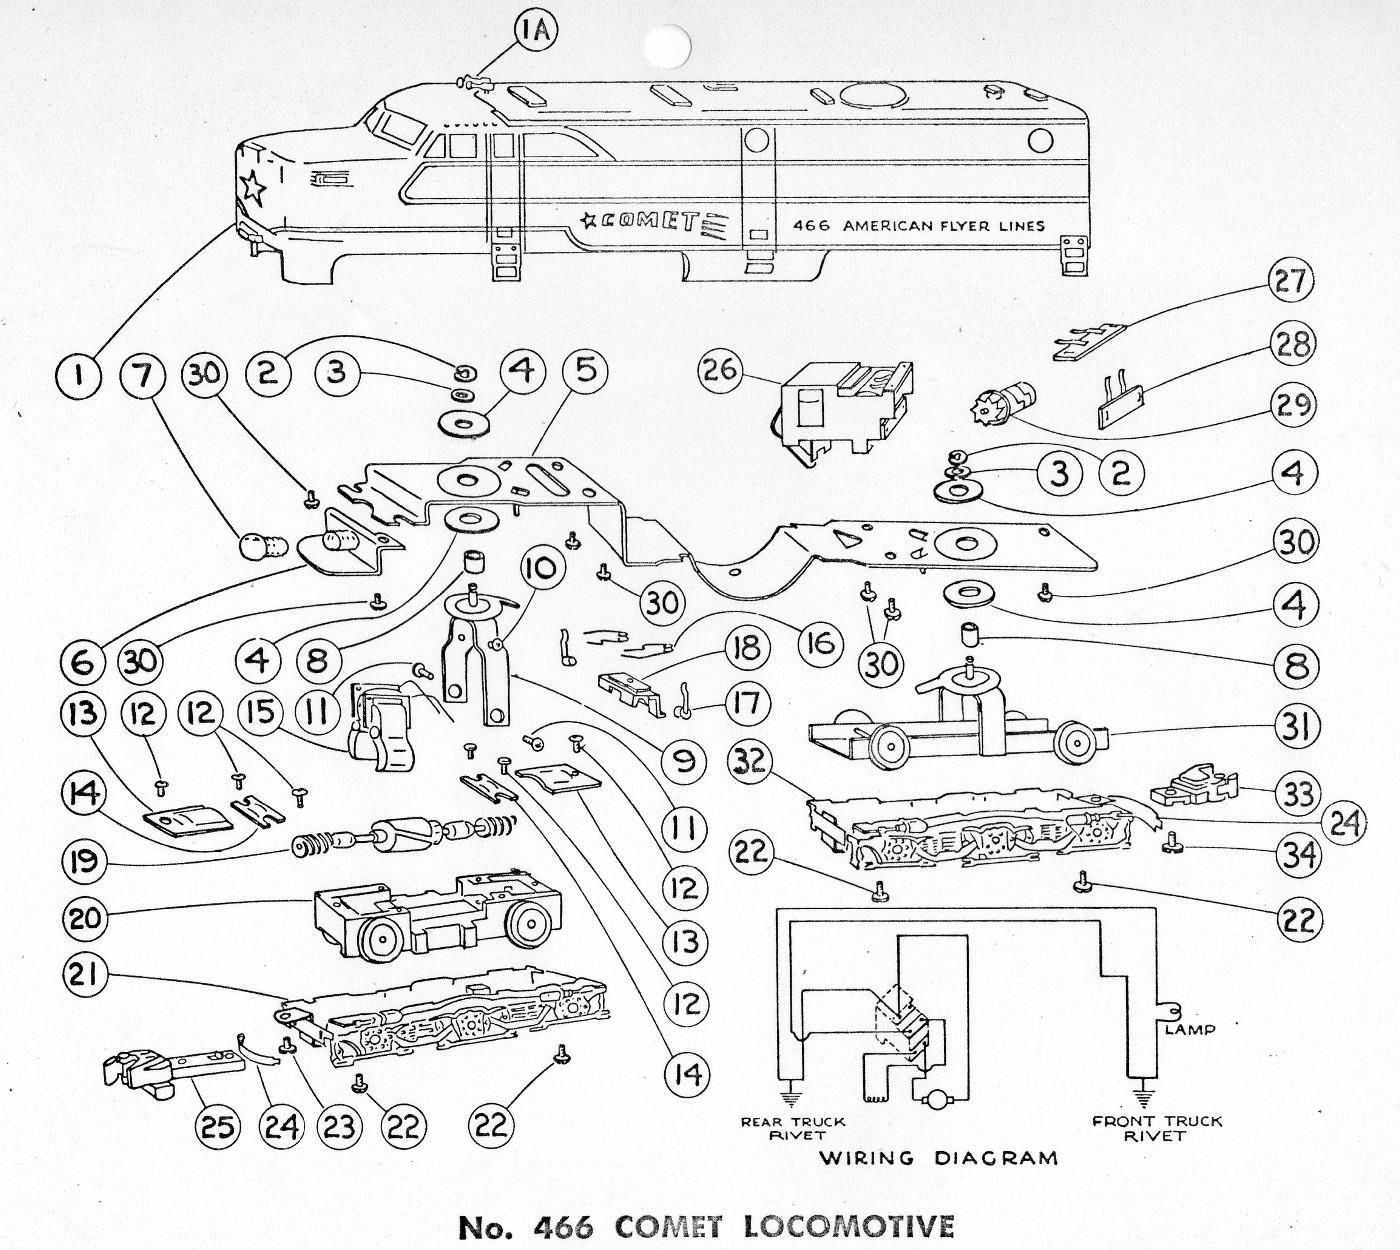 locomotive wiring diagrams